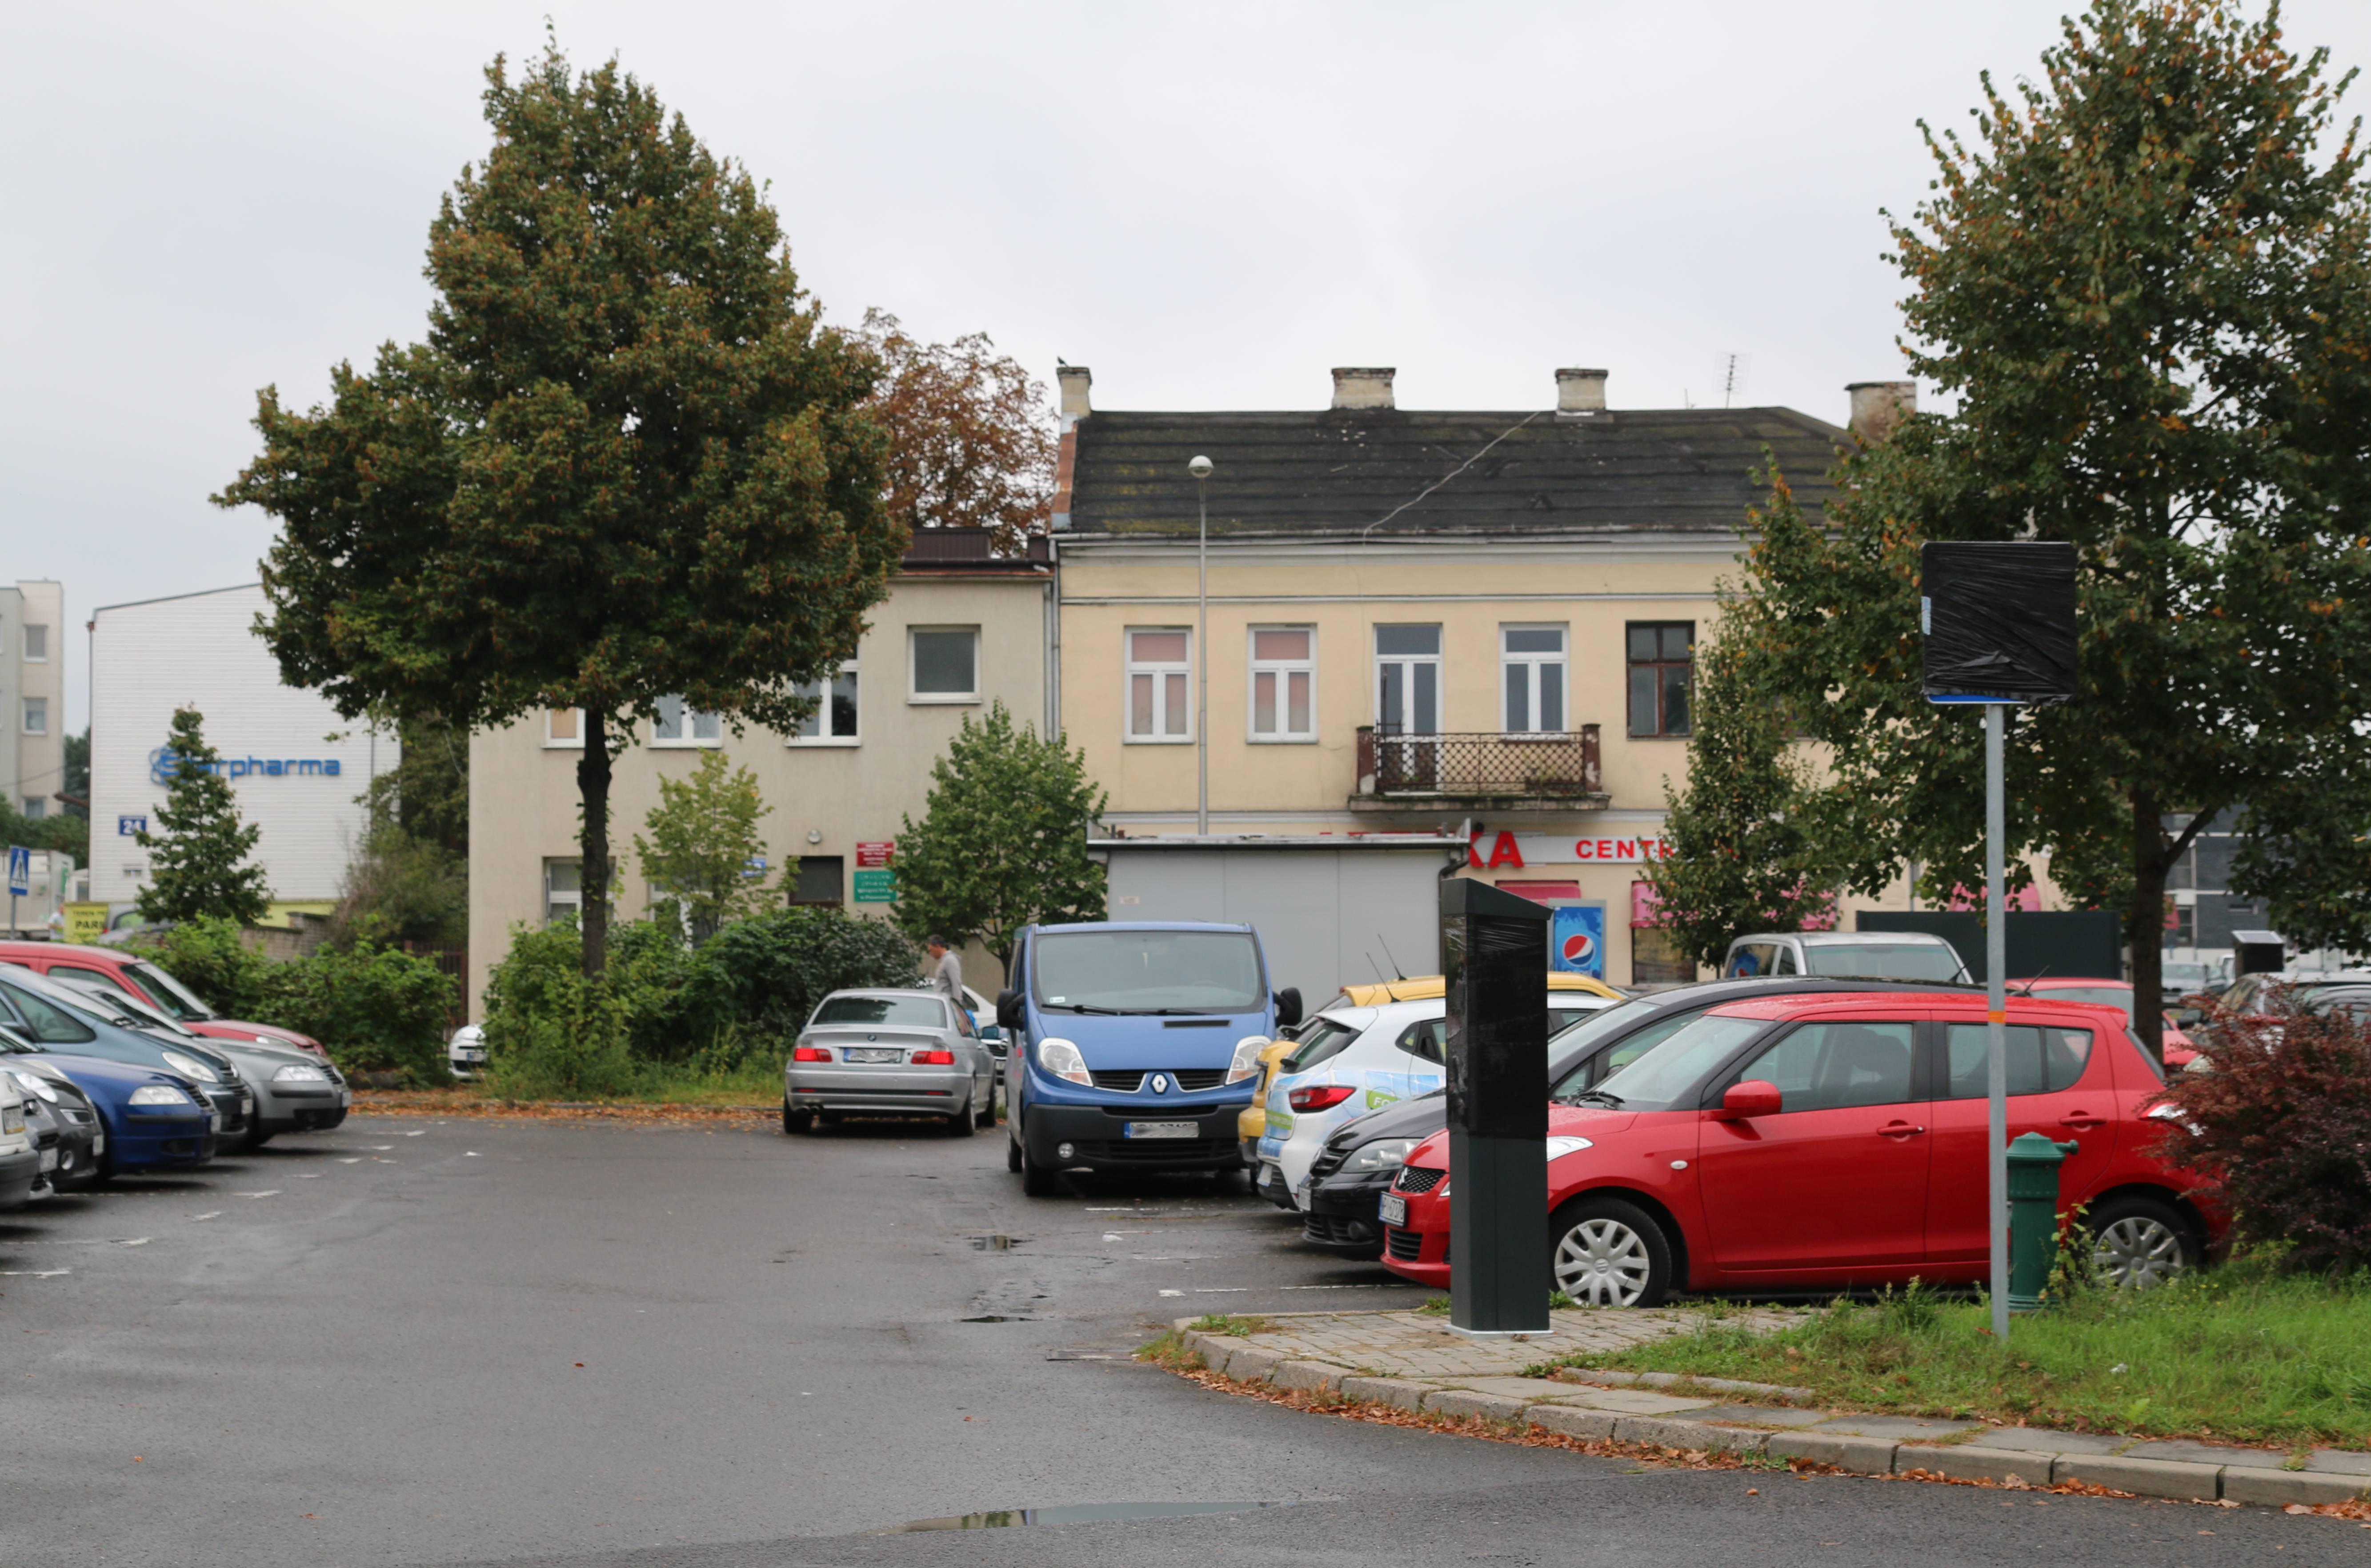 Rozszerzenie Strefy Płatnego Parkowania. Na zdjęciu plac między ulicami Kościuszki, Nadarzyńską i Kilińskiego z parkujacymi samochodami.